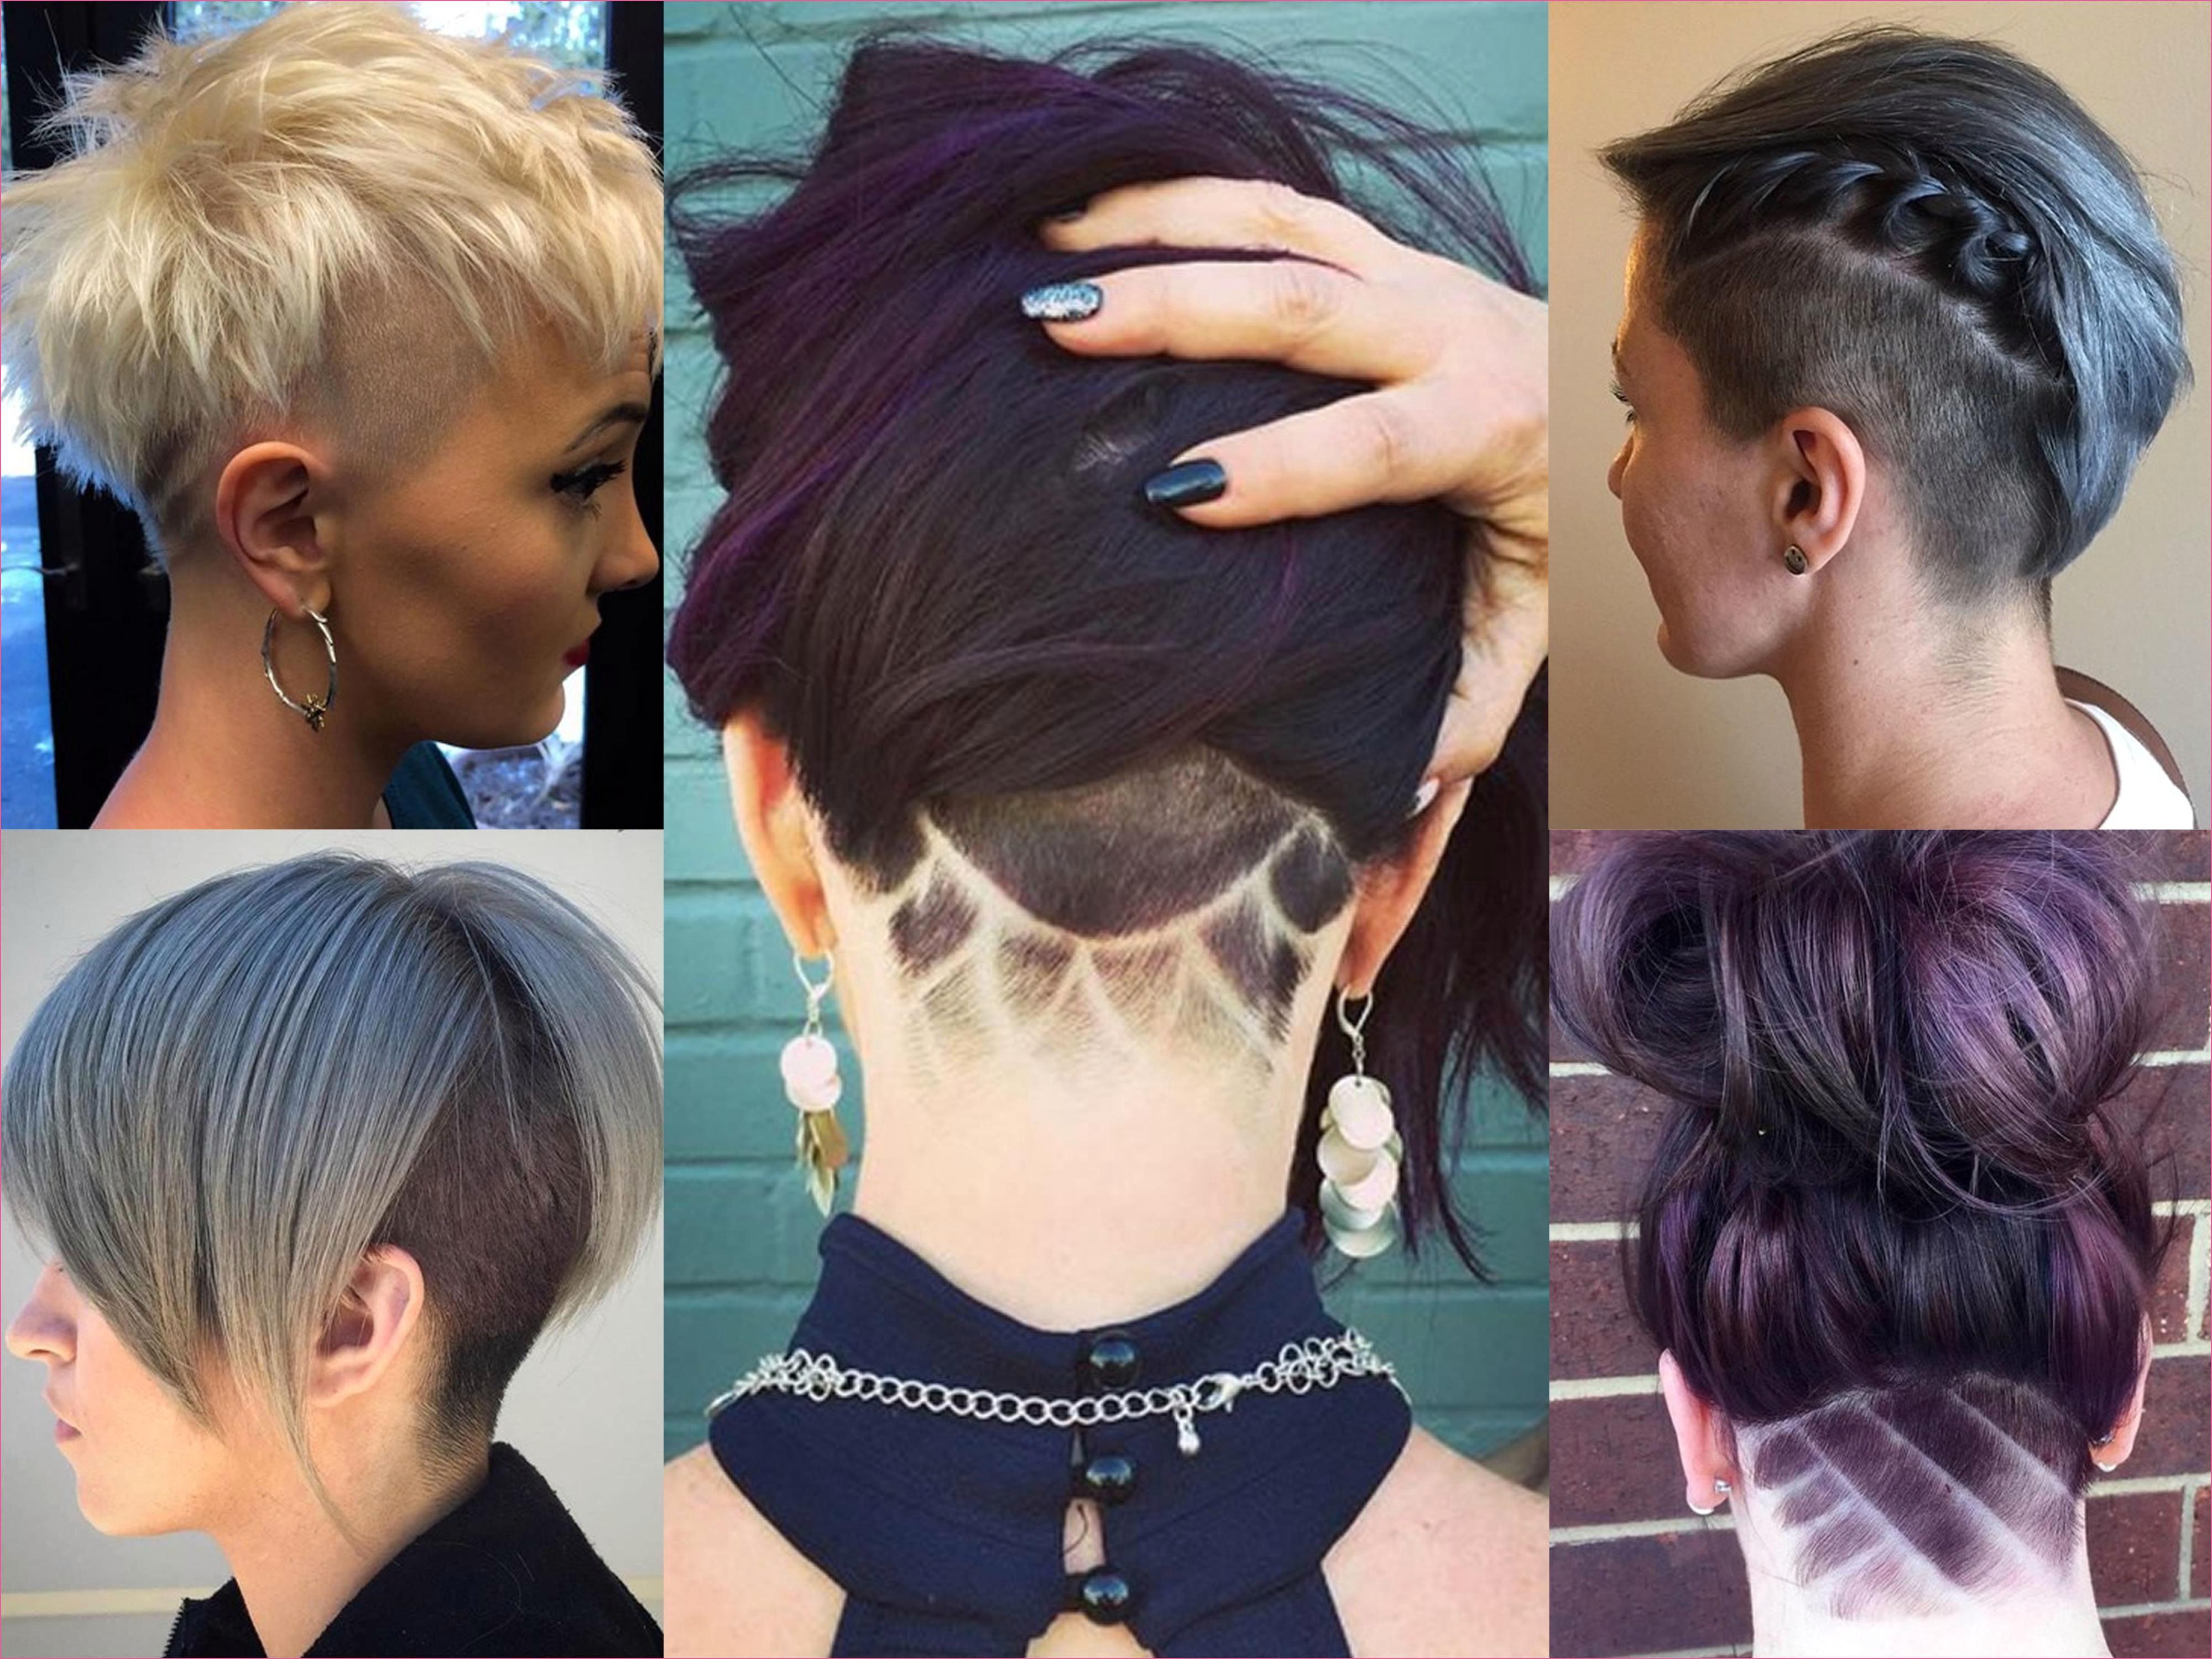 Frau sidecut Kurze Haare